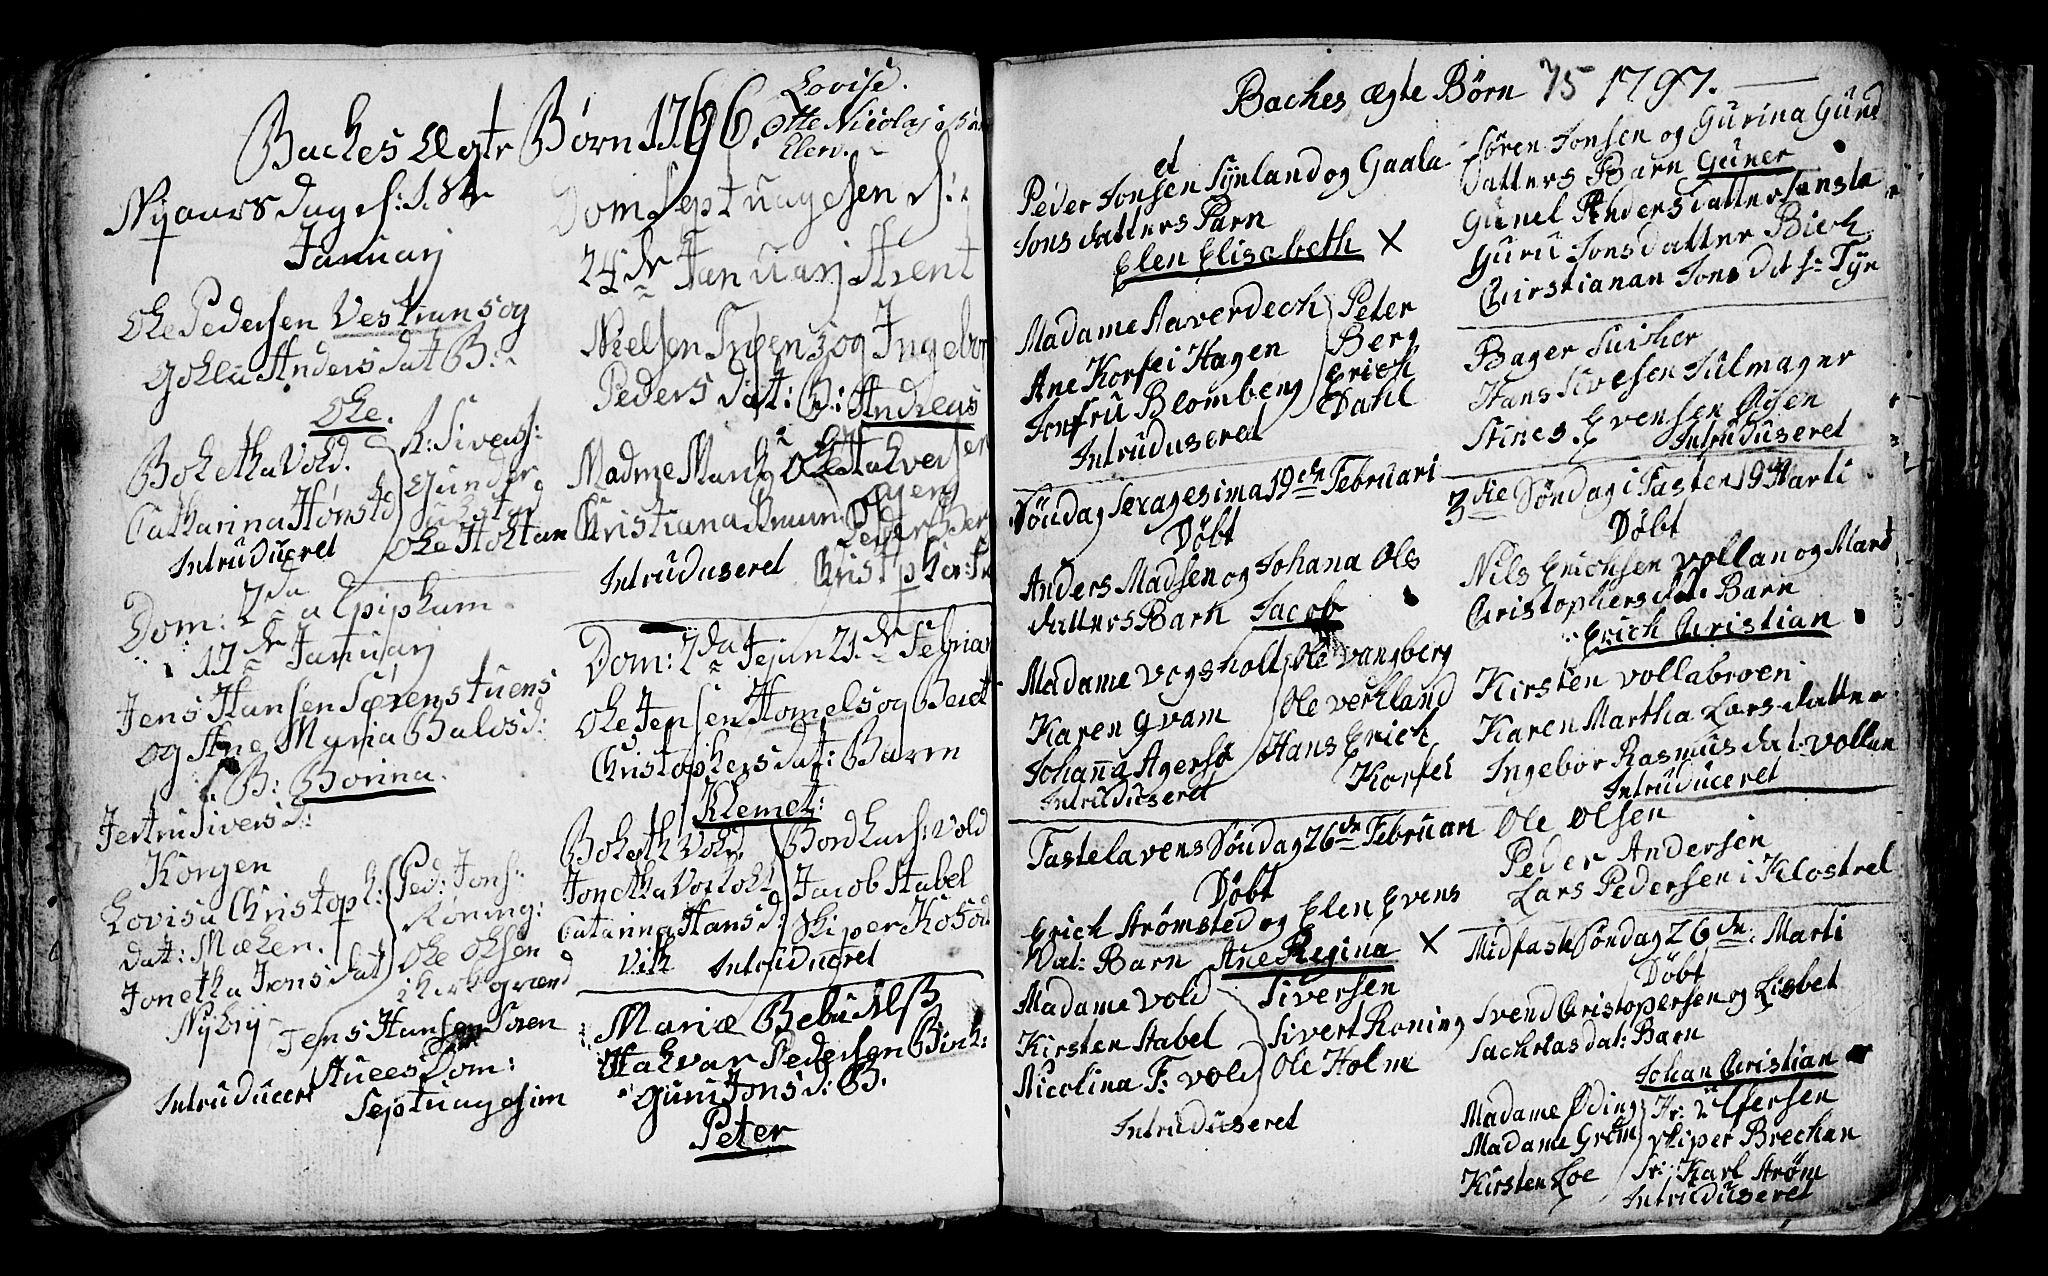 SAT, Ministerialprotokoller, klokkerbøker og fødselsregistre - Sør-Trøndelag, 604/L0218: Klokkerbok nr. 604C01, 1754-1819, s. 75